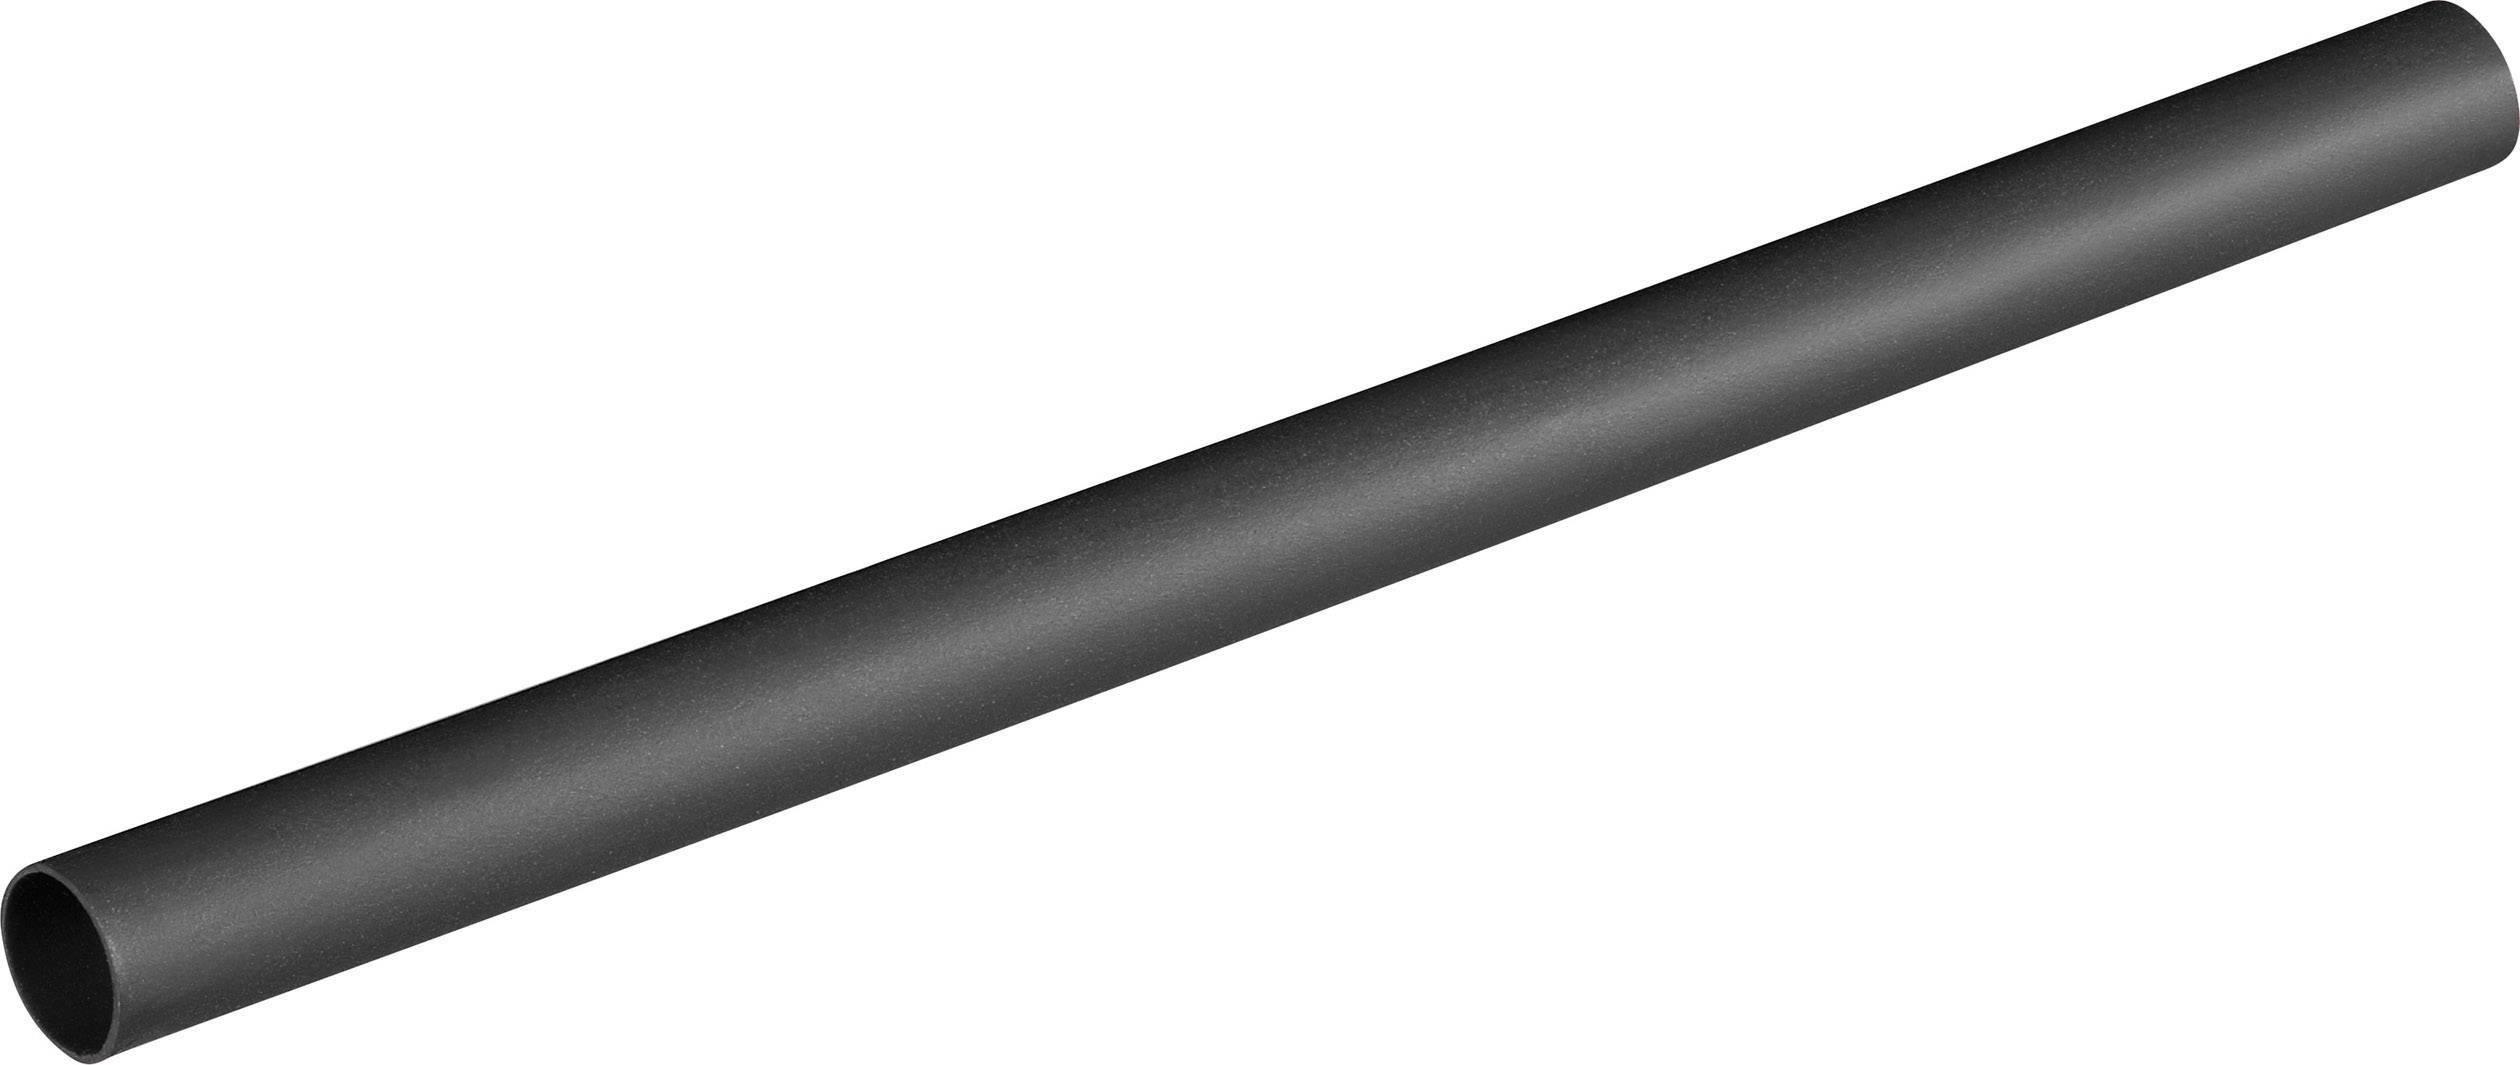 Smršťovací bužírka bez lepidla AlphaWire F221 3/8 BK 2:1, -5 až +135 °C, 10 mm, černá, 1.2 m